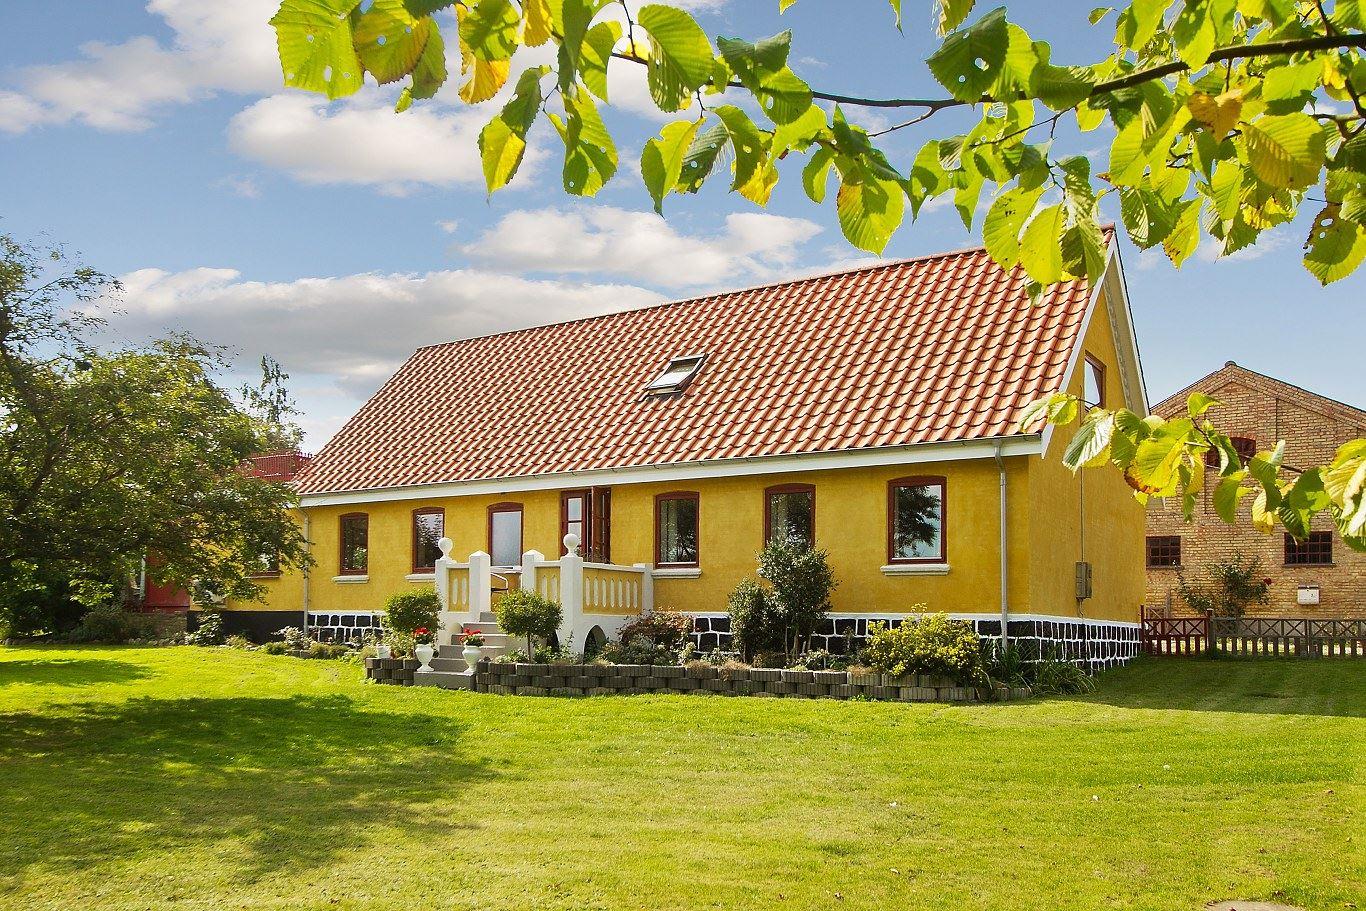 Rørstræde 3, 4400 Kalundborg